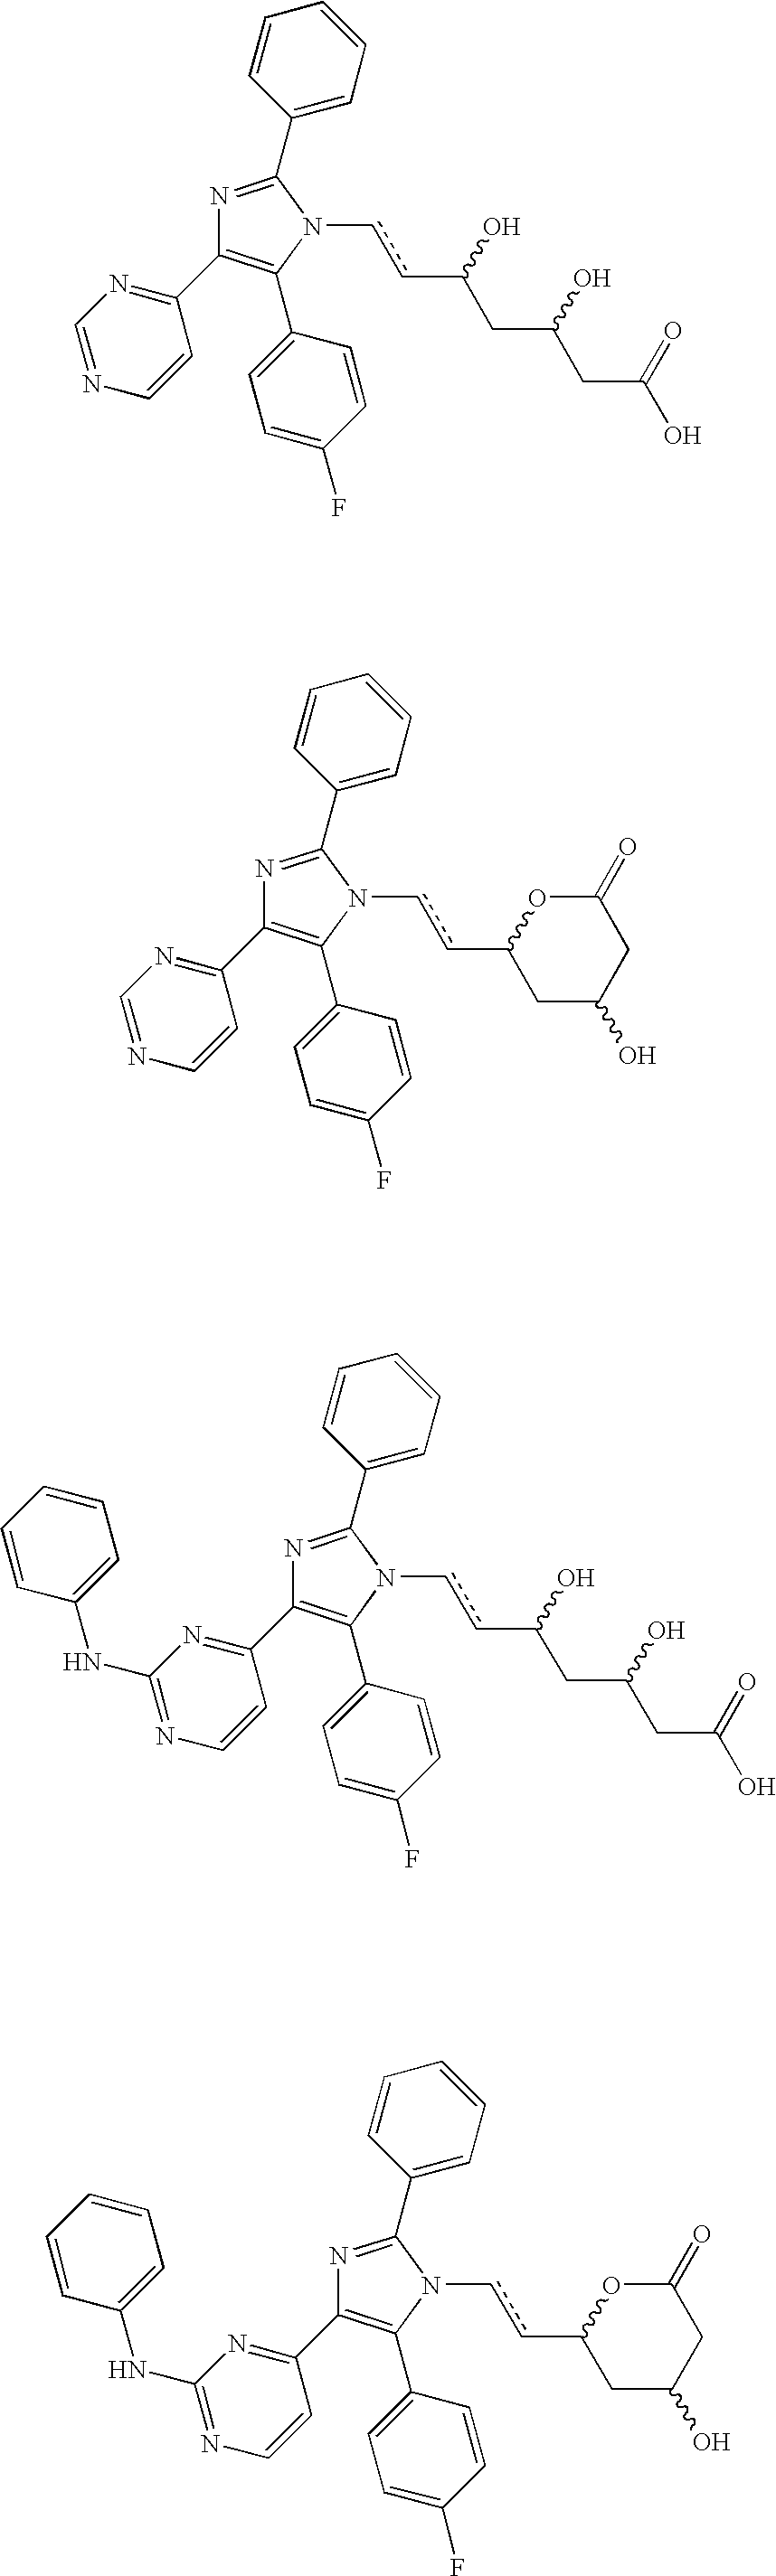 Figure US07183285-20070227-C00056